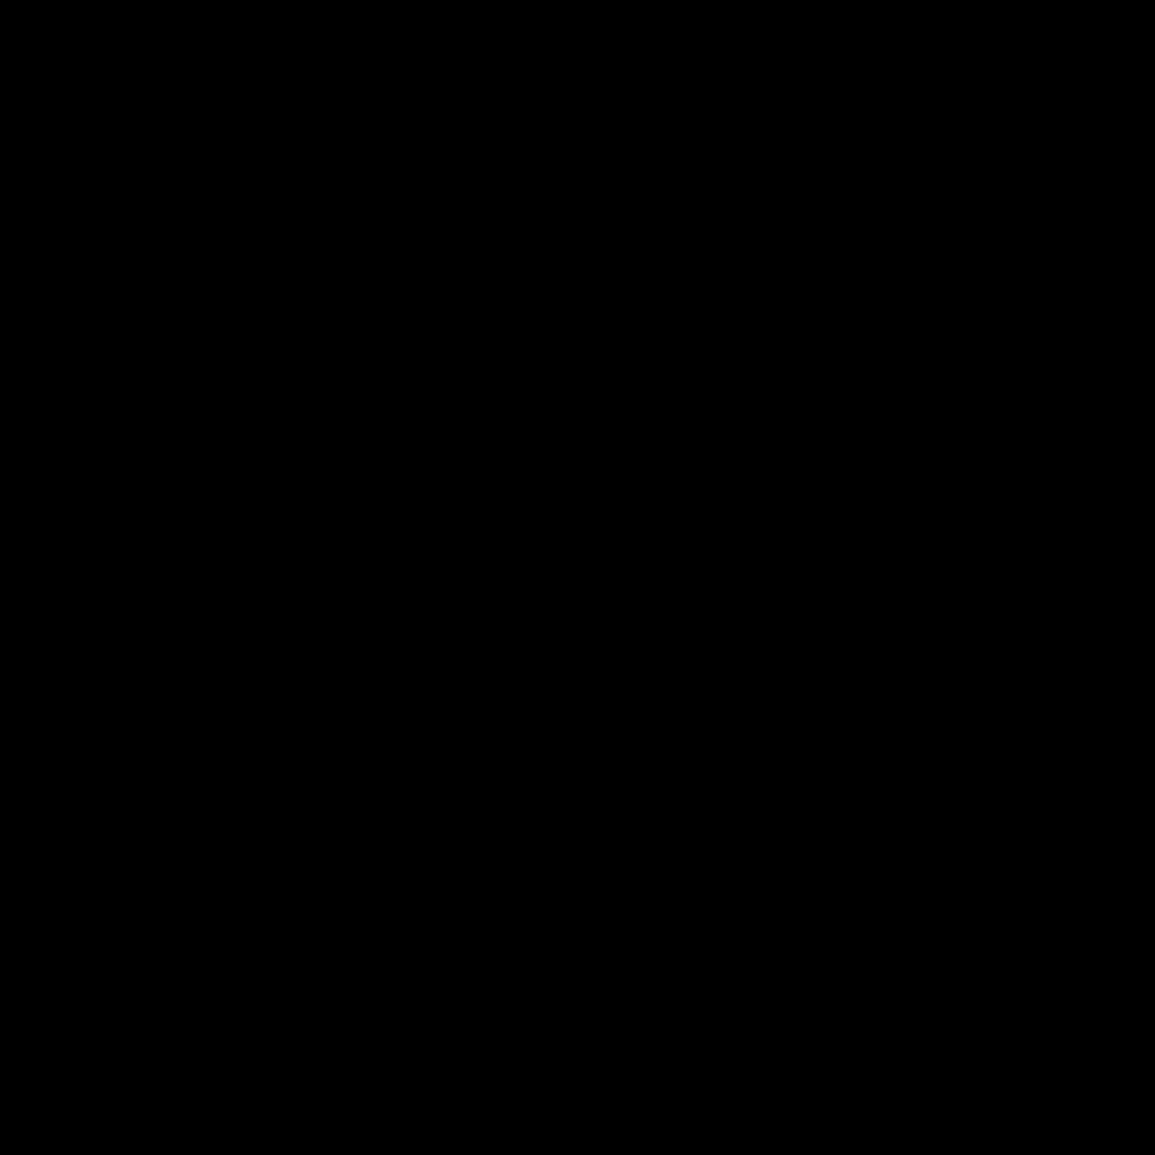 紅蘭太楷書 BHNL 字形見本